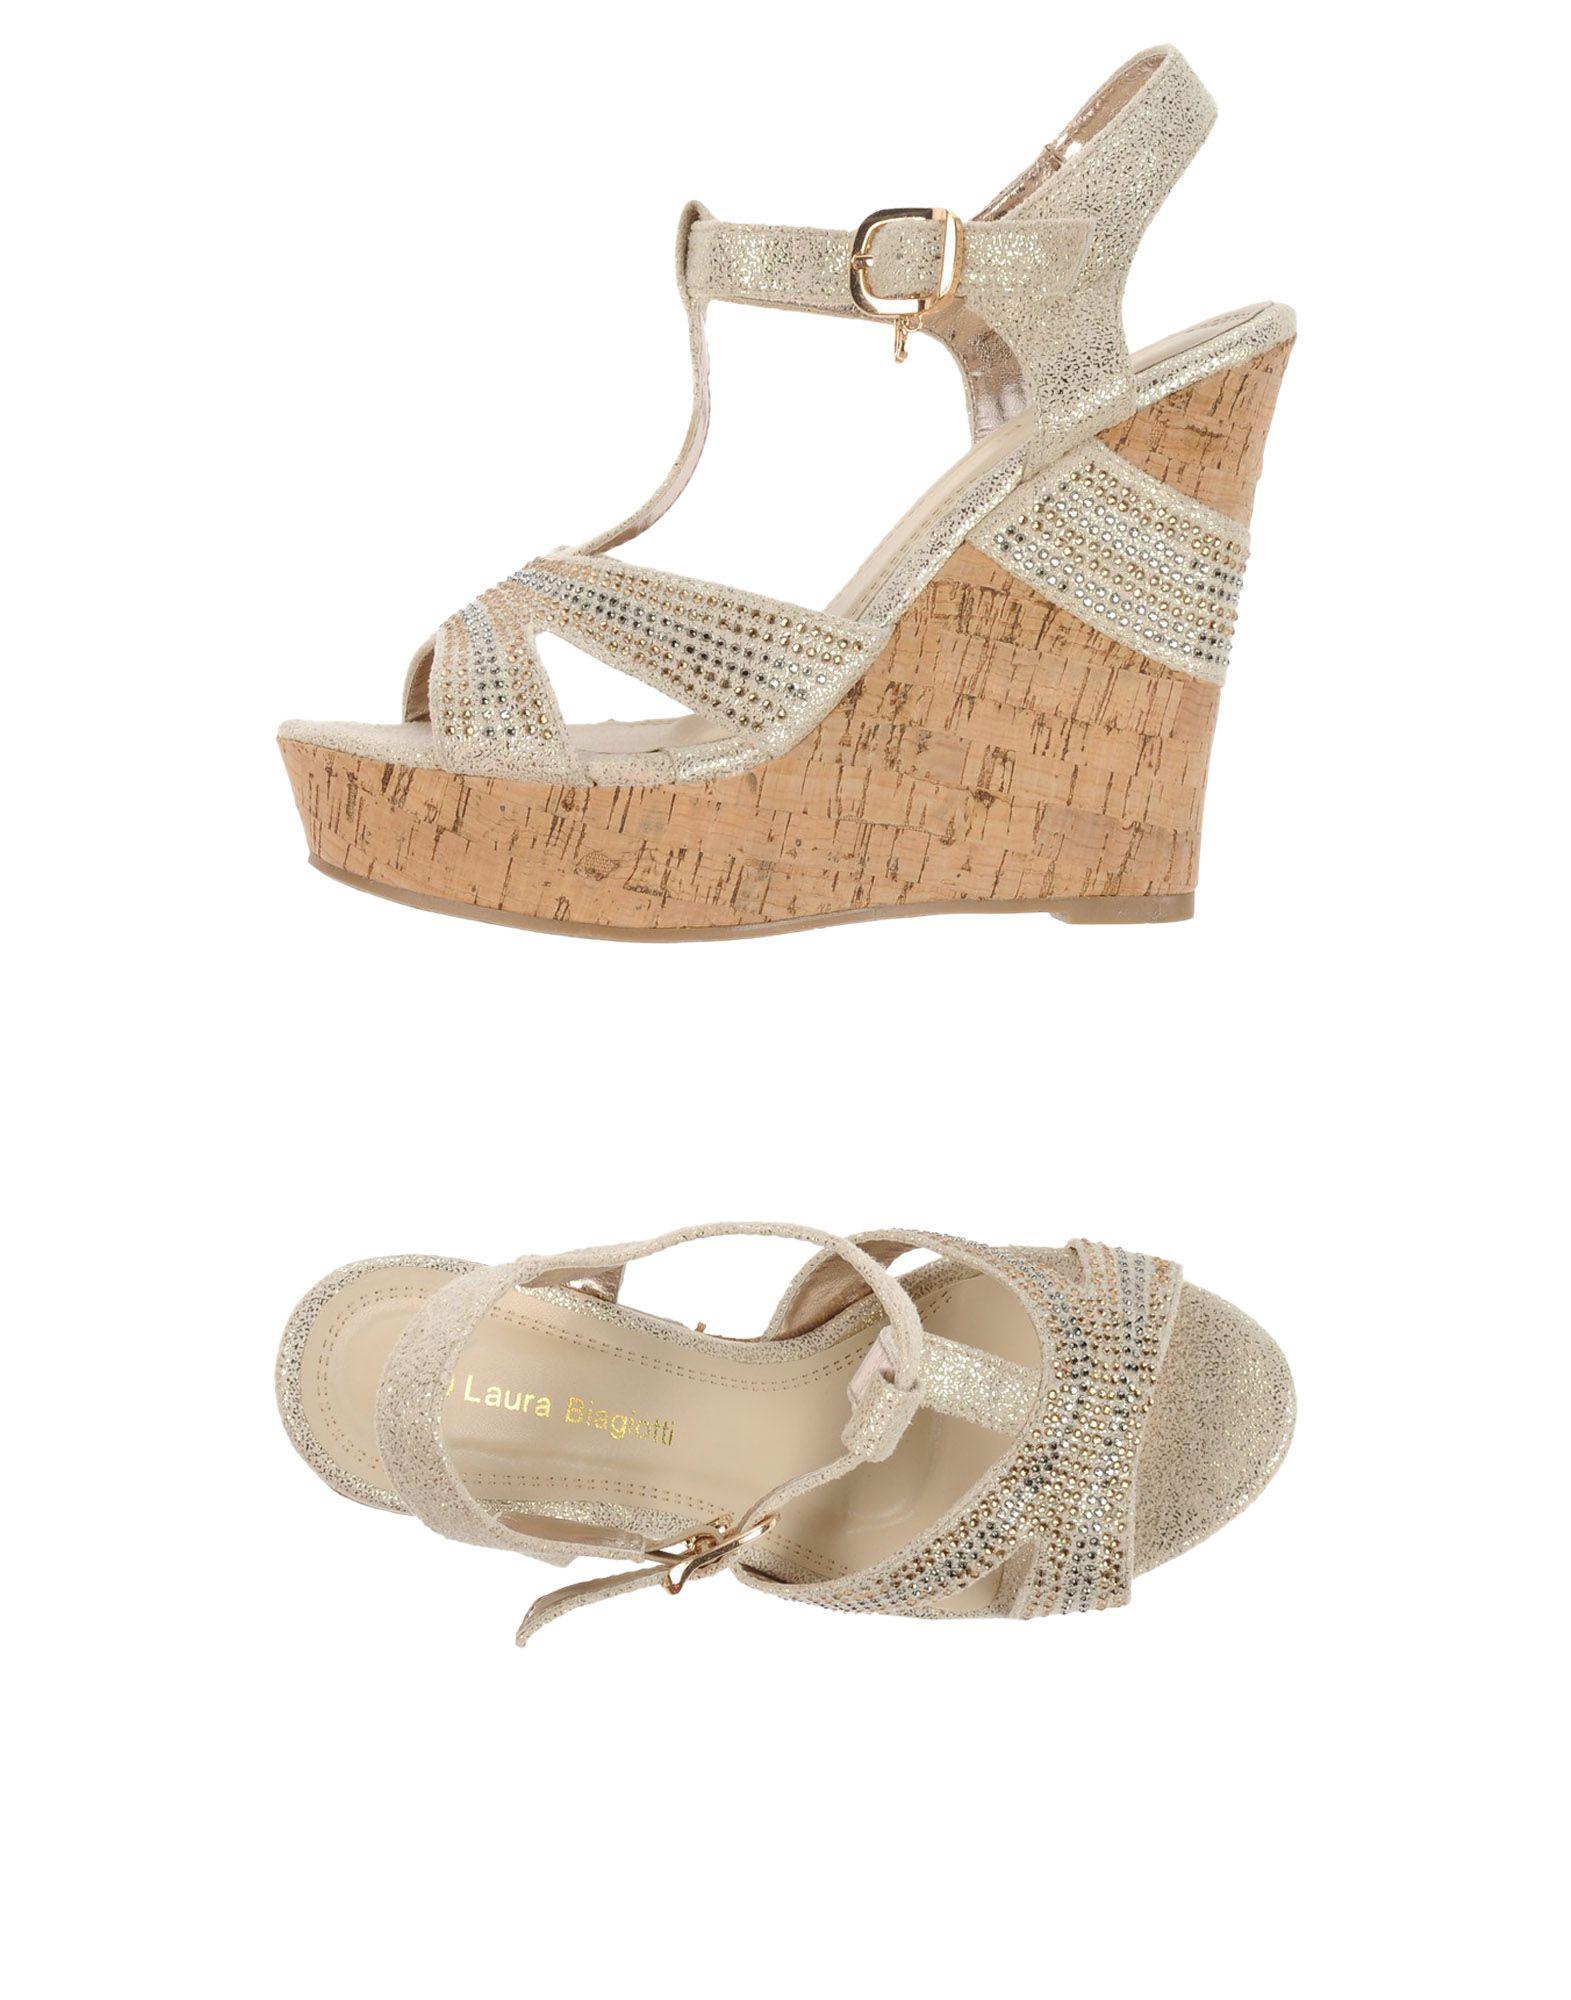 Laura Biagiotti Sandalen Damen  44945167XP Gute Qualität beliebte beliebte beliebte Schuhe fdb47e